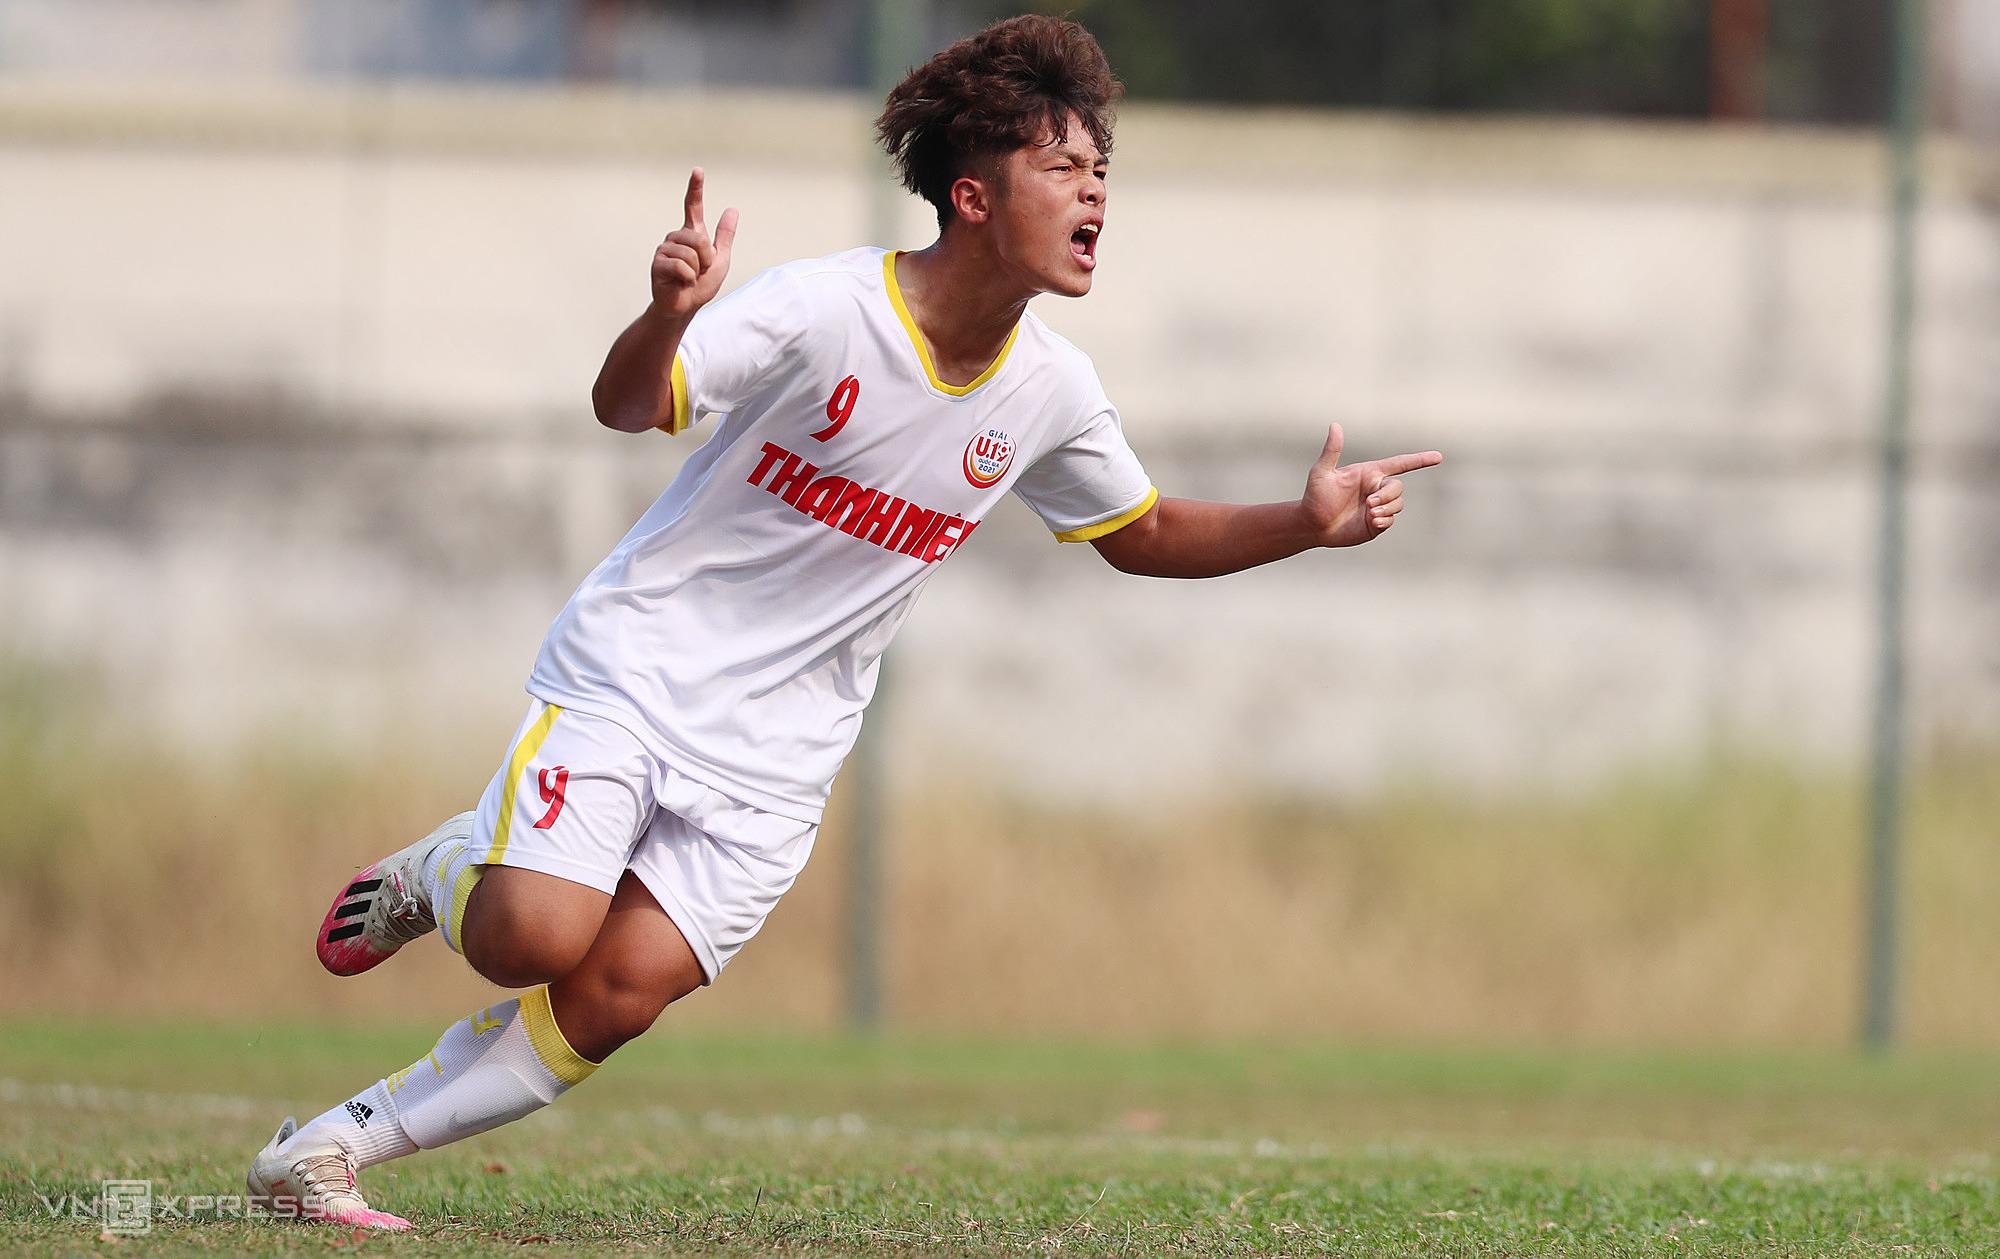 เหงียนก๊วกเวียดกลายเป็นผู้เล่นคนแรกที่ทำแฮตทริกในรอบชิงชนะเลิศทีมชาติ U19 ในปี 2021 รูปภาพ: Duc Dong